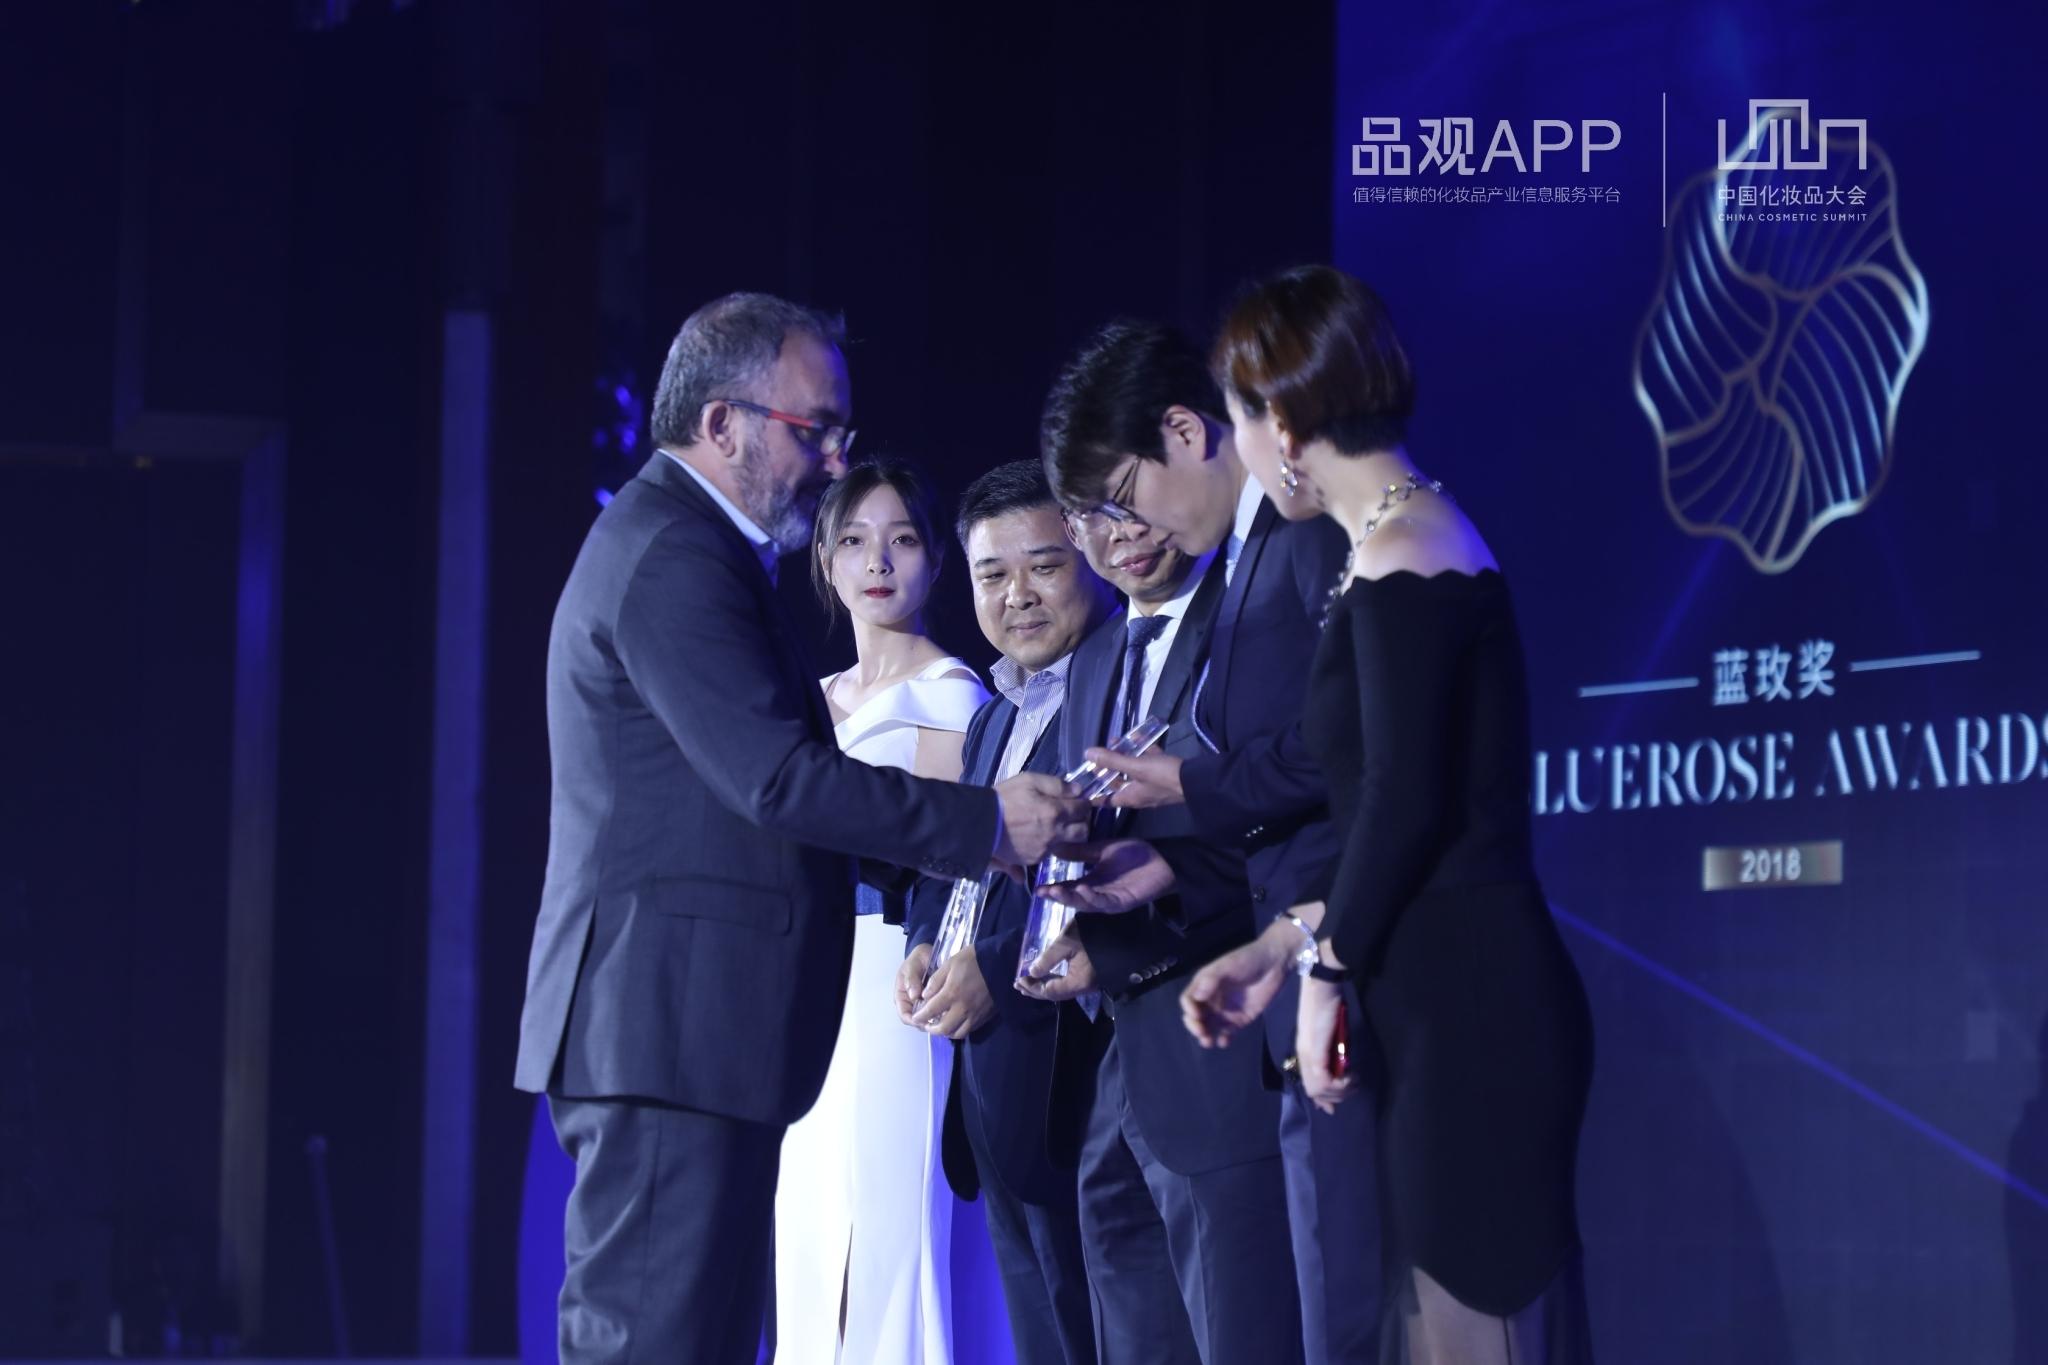 2019中国化妆品大会(杭州)